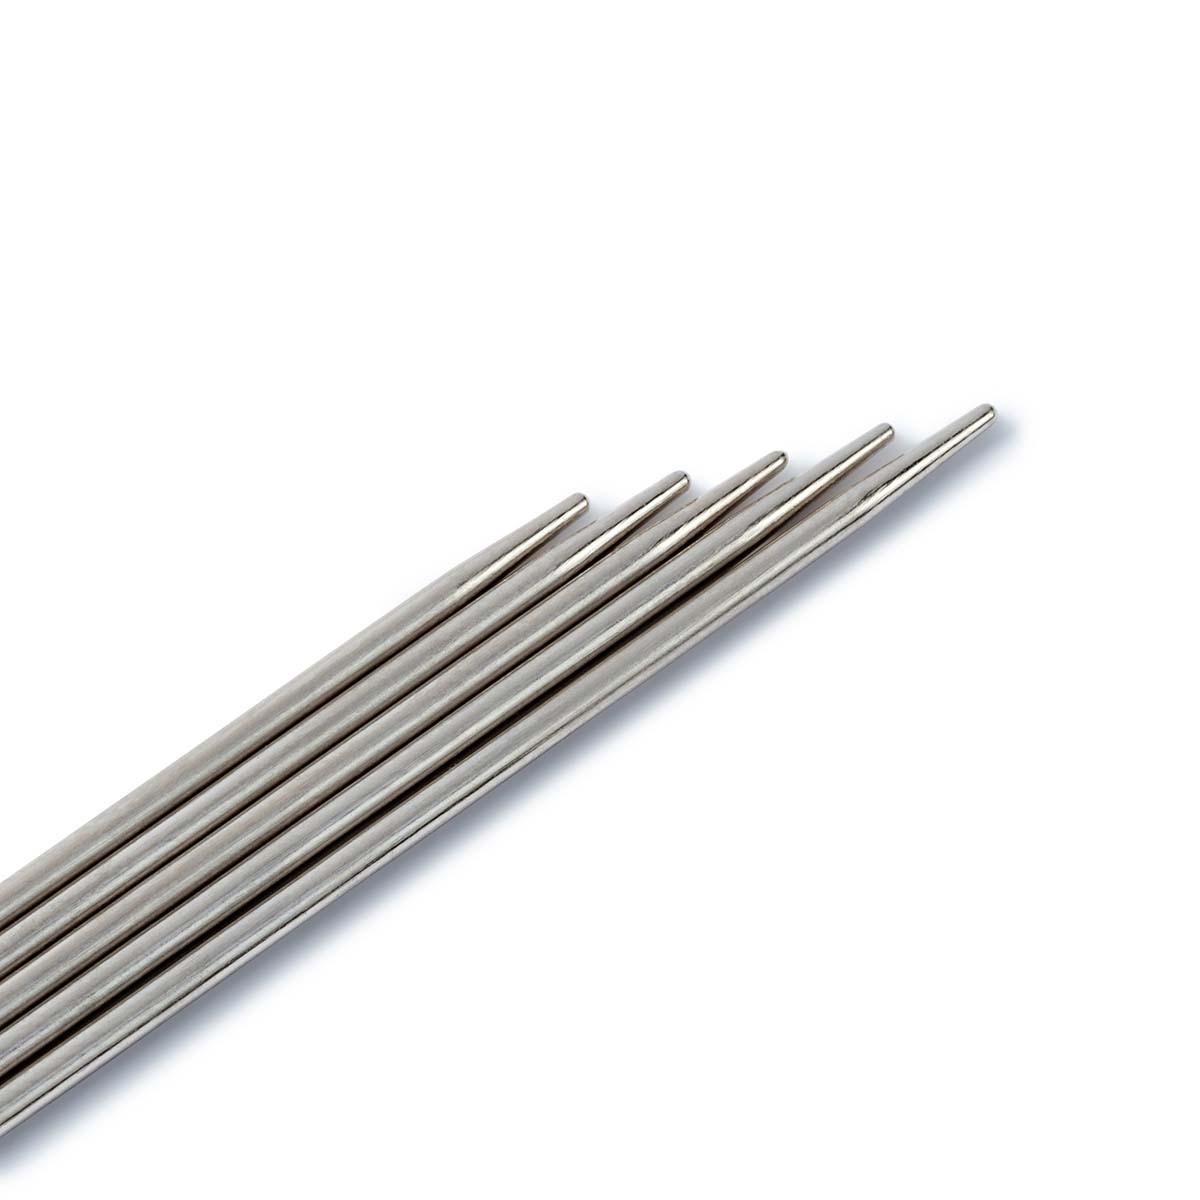 171232 Спицы носочные, сталь, 20 см*1,25 мм, Prym